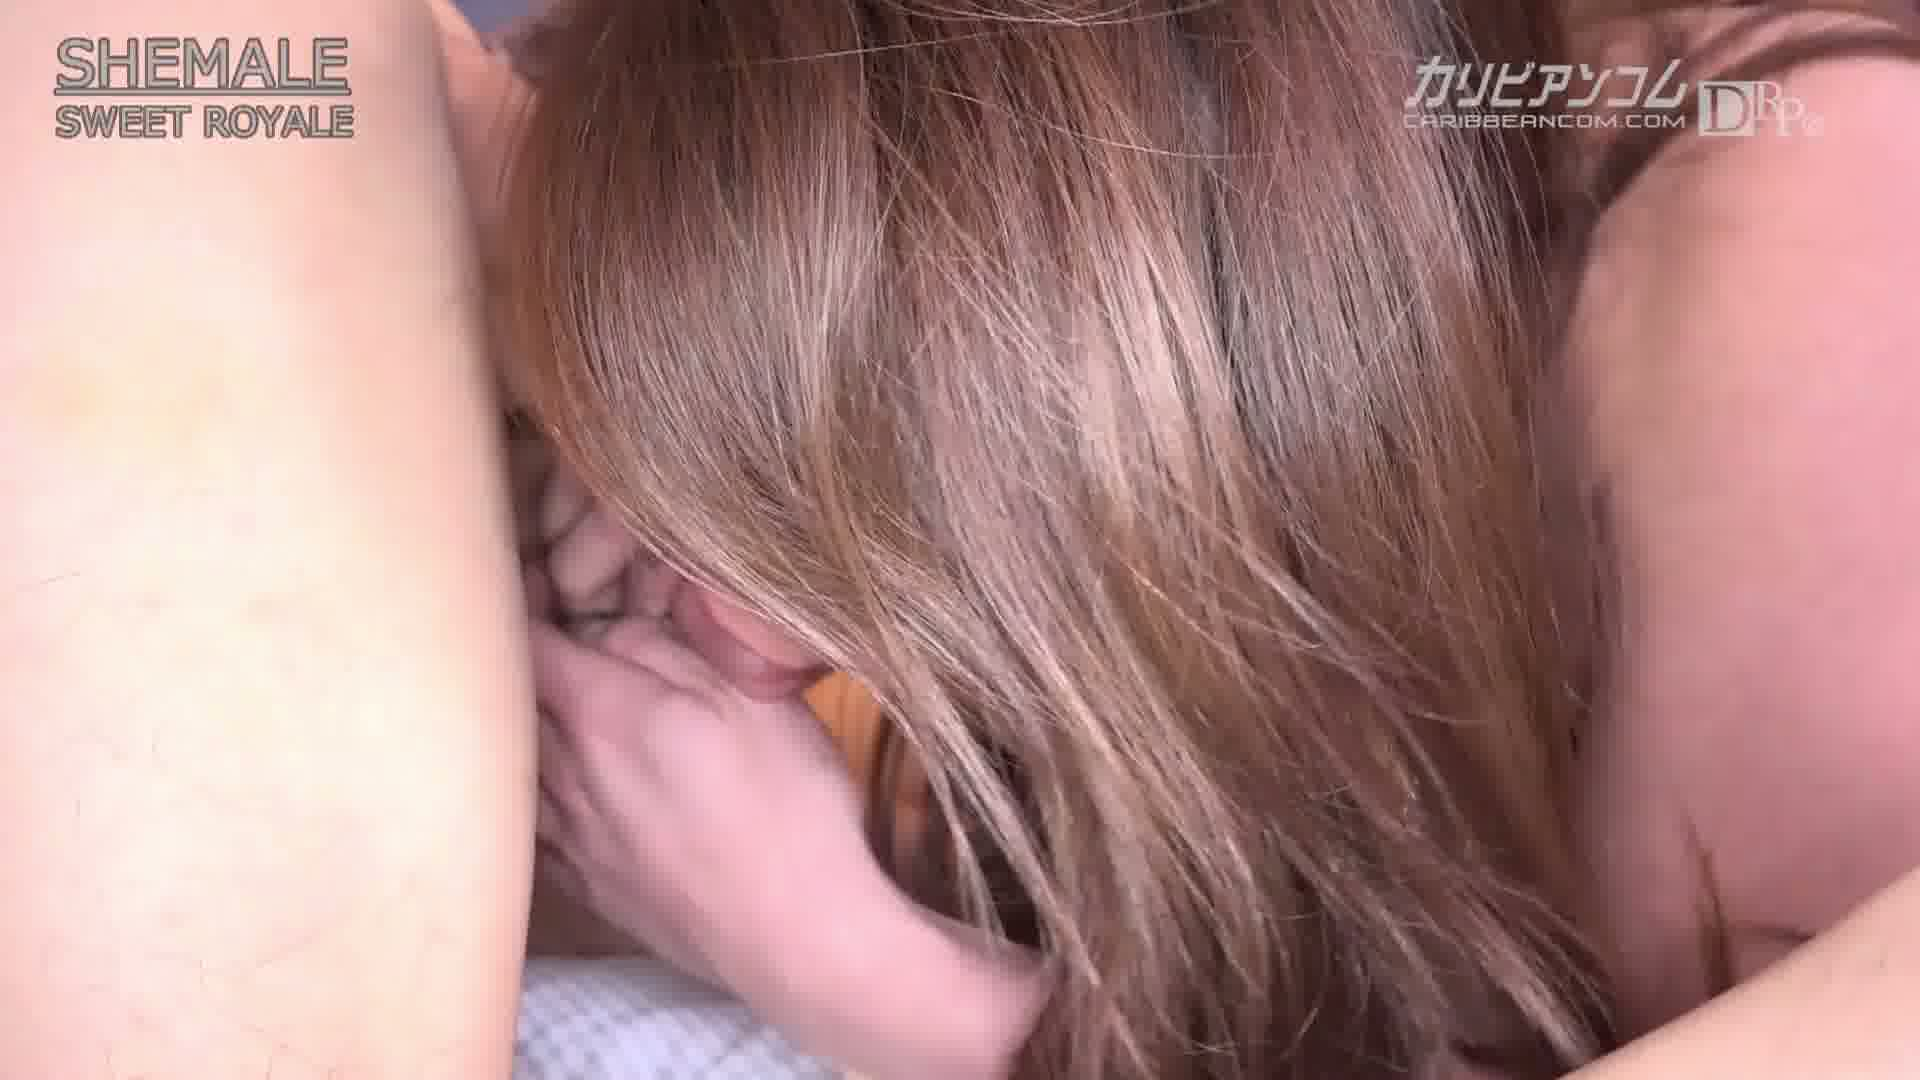 MEGUMIは美しすぎるオトコの娘 - MEGUMI【ニューハーフ・3P・中出し】